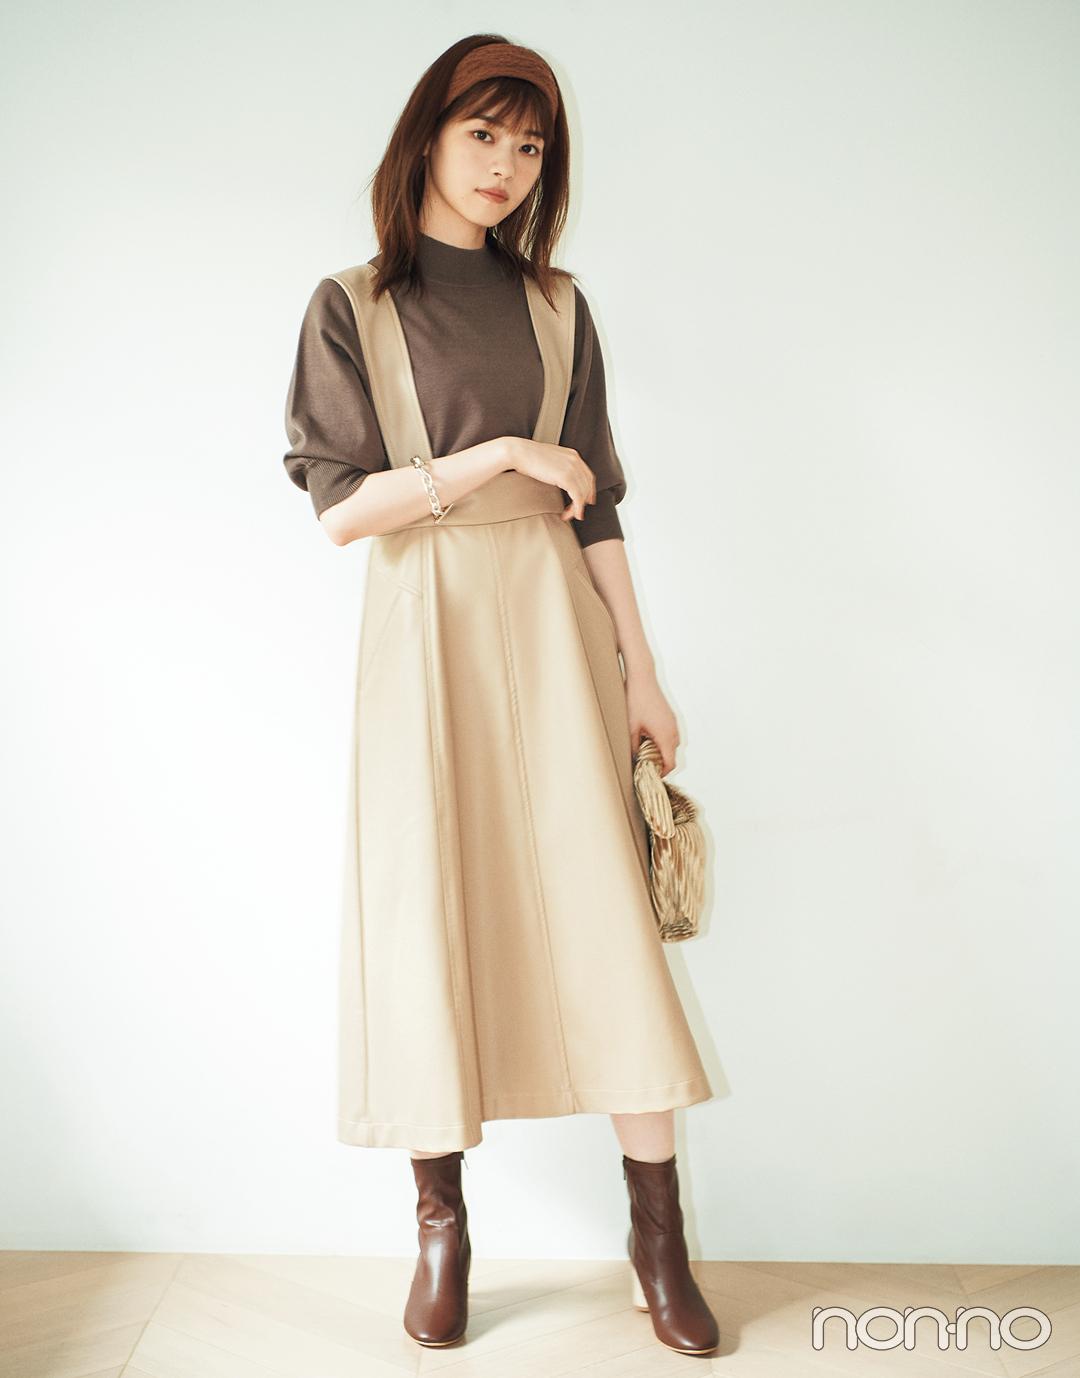 西野七瀬が着る「優しげレザー」、プリーツスカート、ジャンスカでこなれ見え♡_1_4